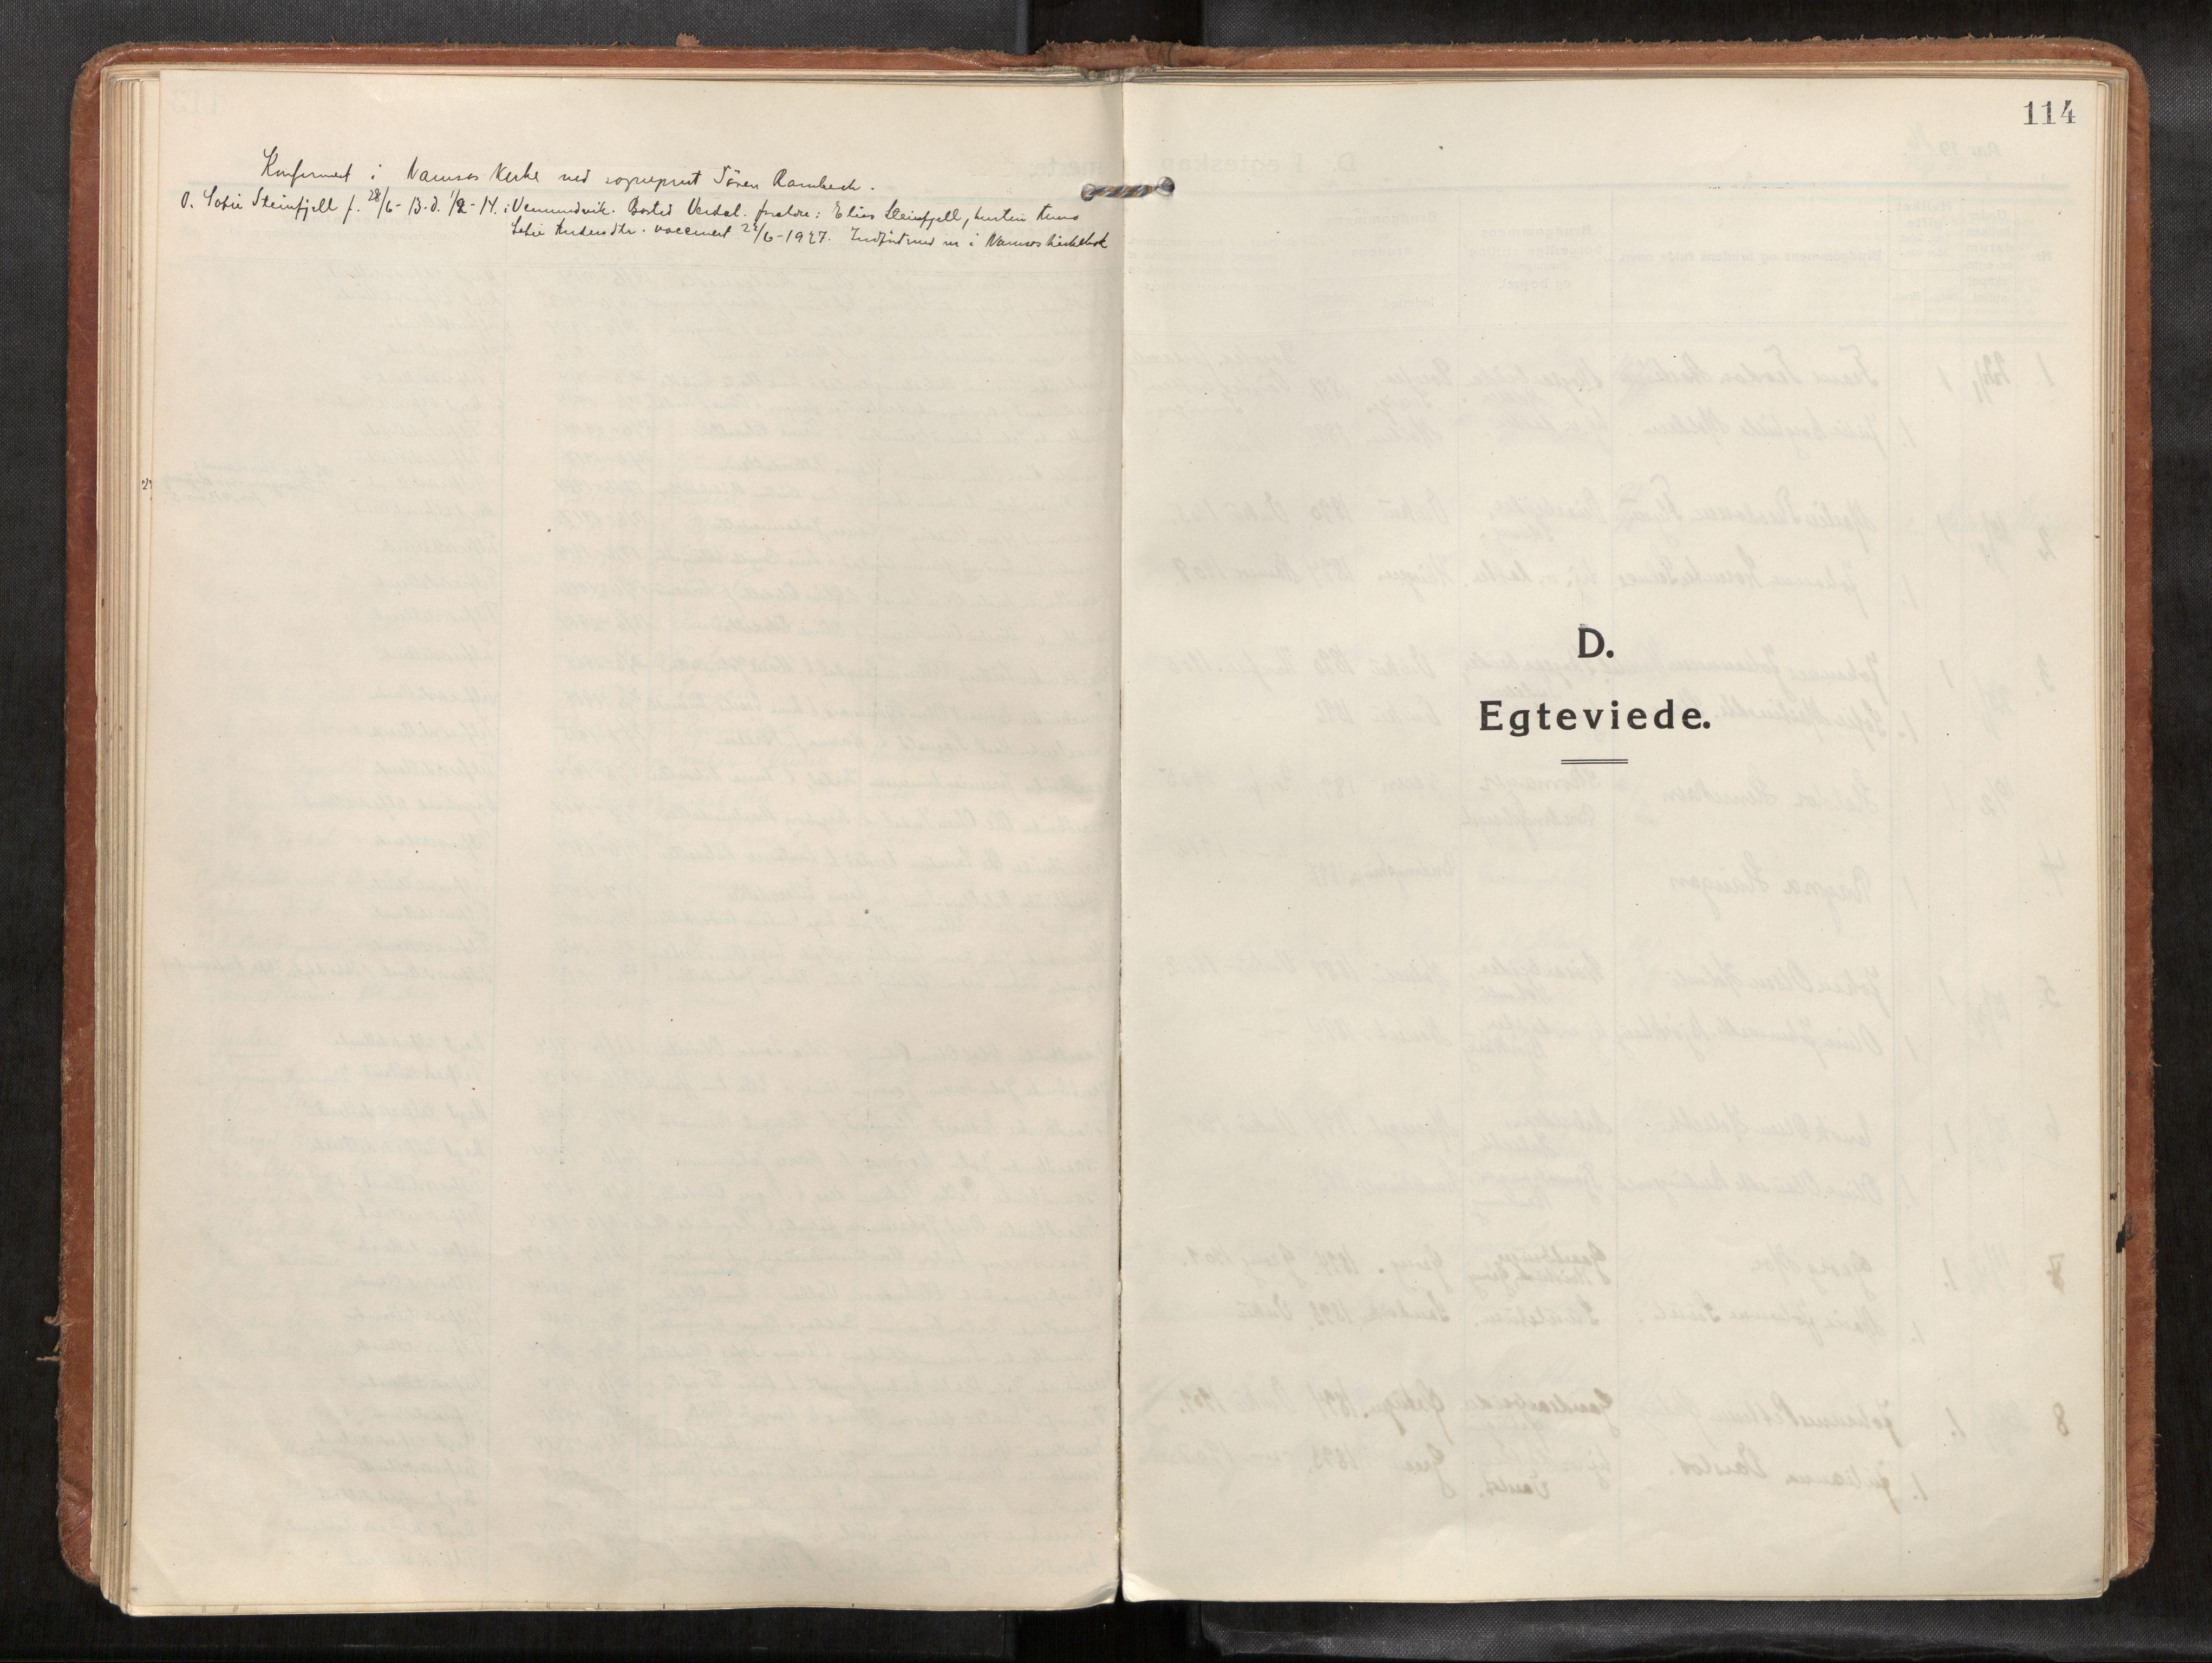 SAT, Verdal sokneprestkontor*, Ministerialbok nr. 1, 1916-1928, s. 114